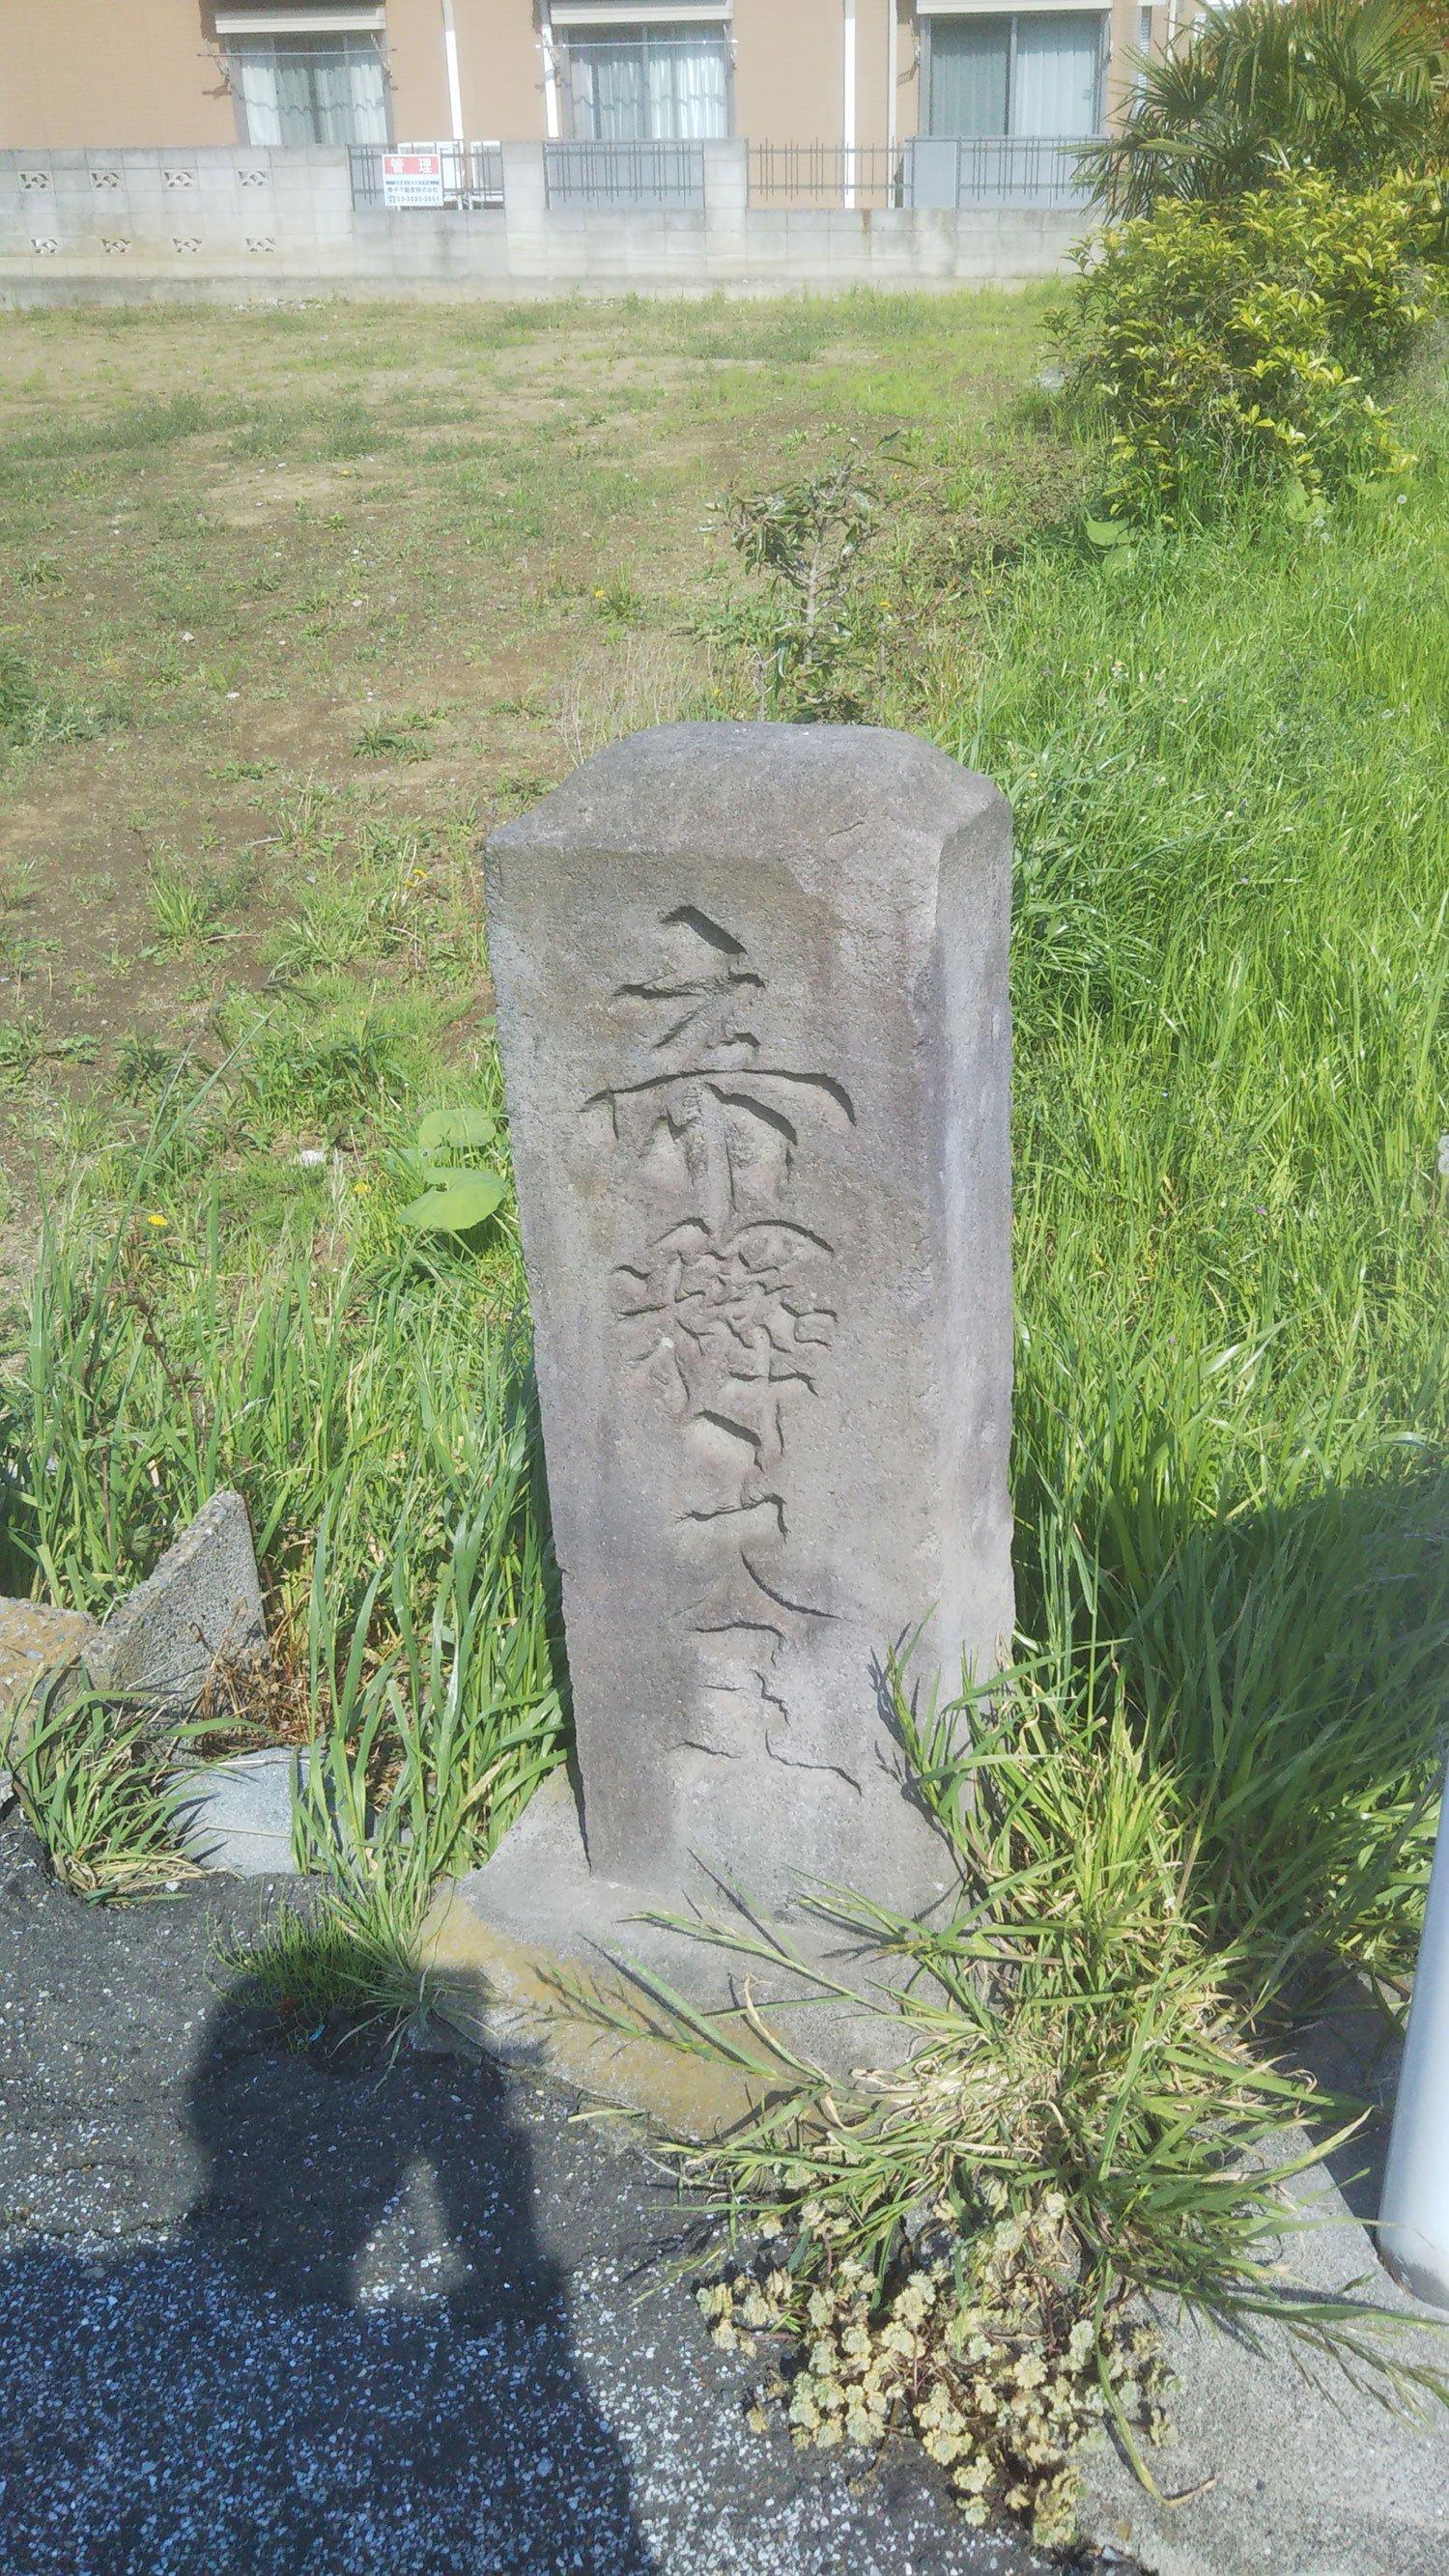 「立石 帝釈天の道標」。葛飾税務署と朝日印刷所を結ぶ因縁の旧道の証しか。